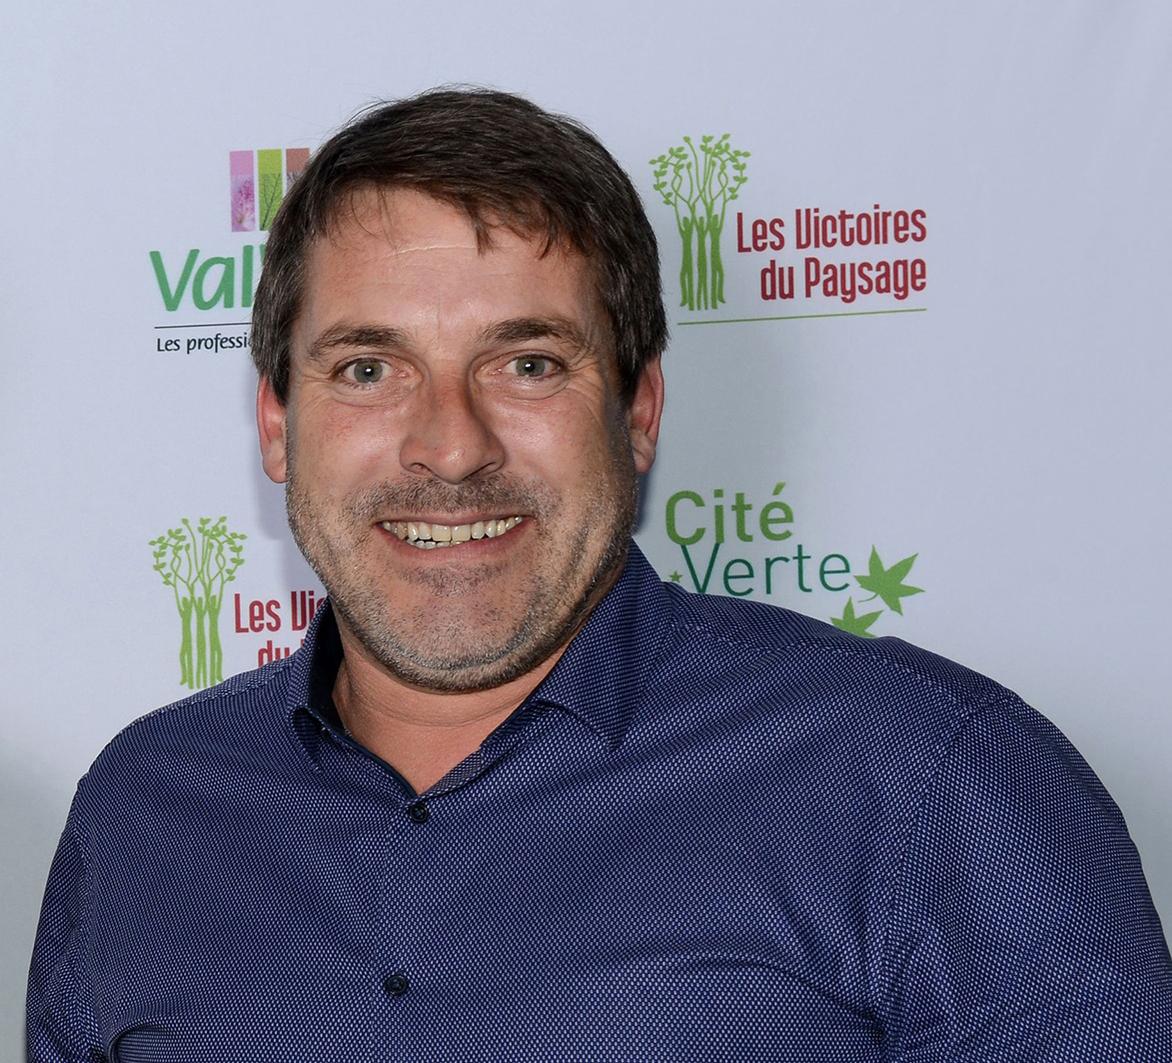 Jérôme Boucard